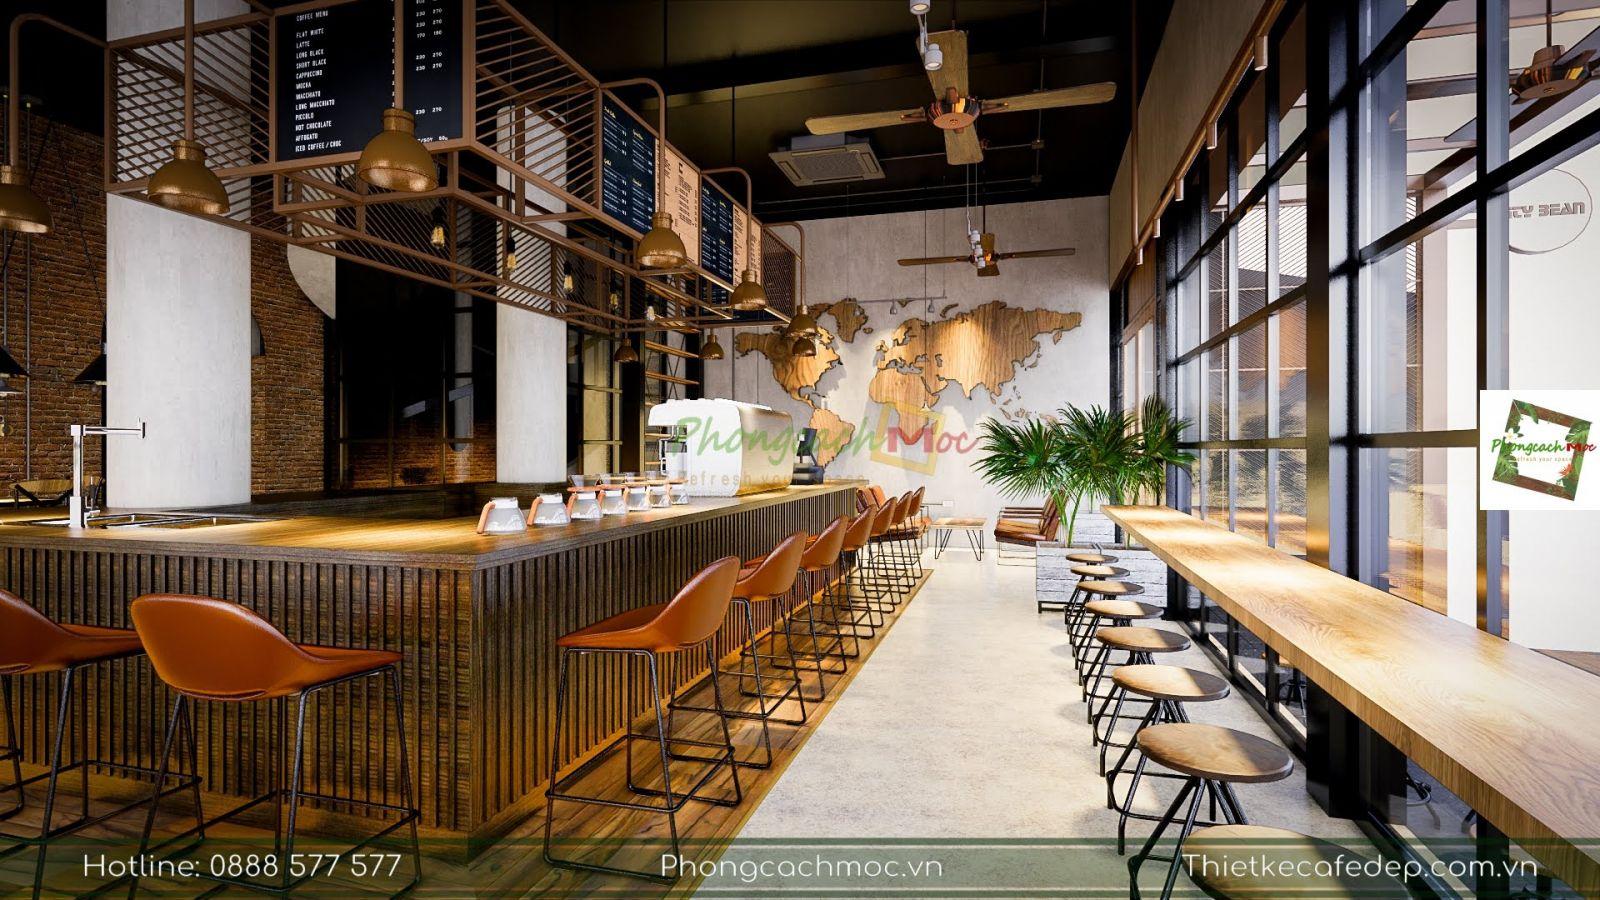 khu vực quầy bar phục vụ quán cafe kết hợp workshop